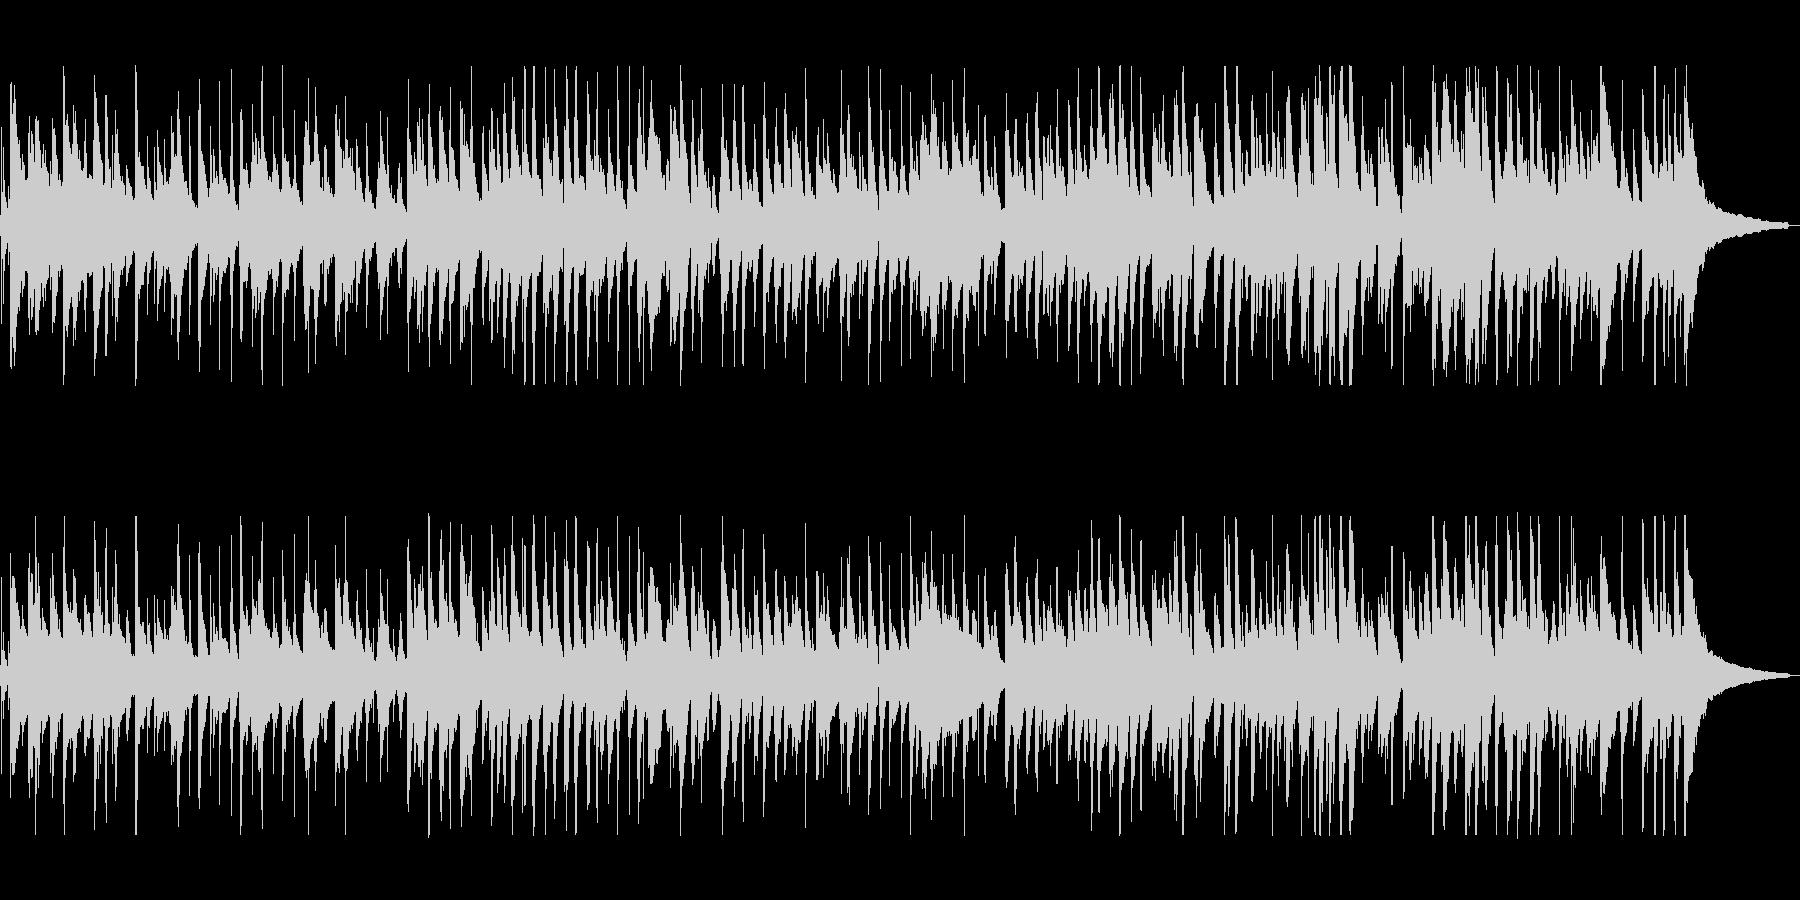 ピアノ演奏に魅了される大人のジャズの未再生の波形